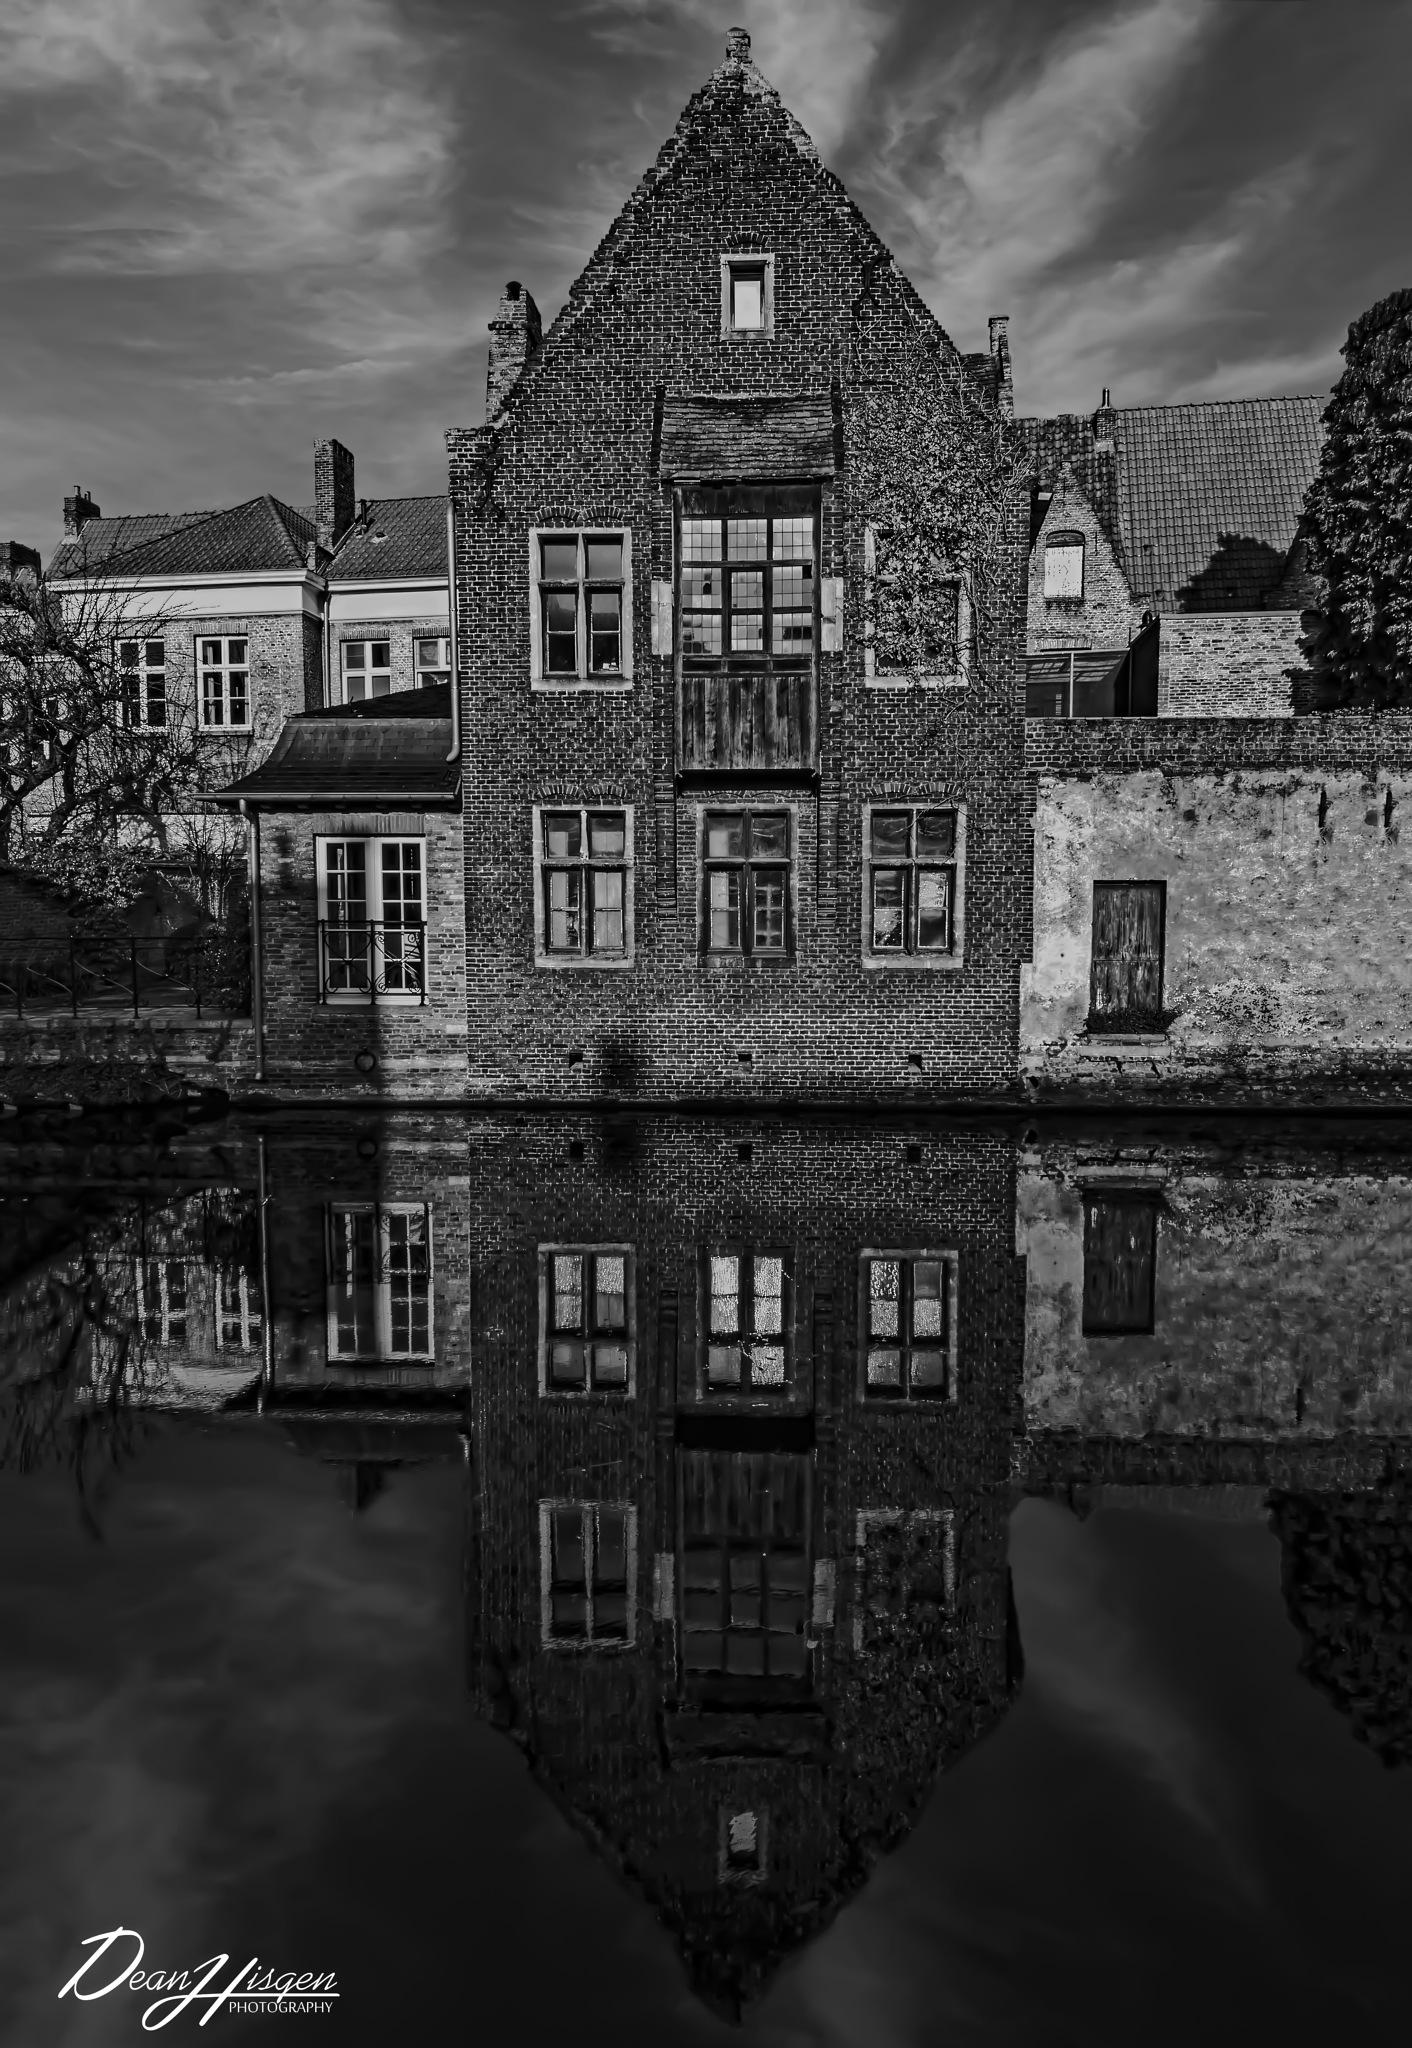 Brugge Belgium  by Dean Hisgen